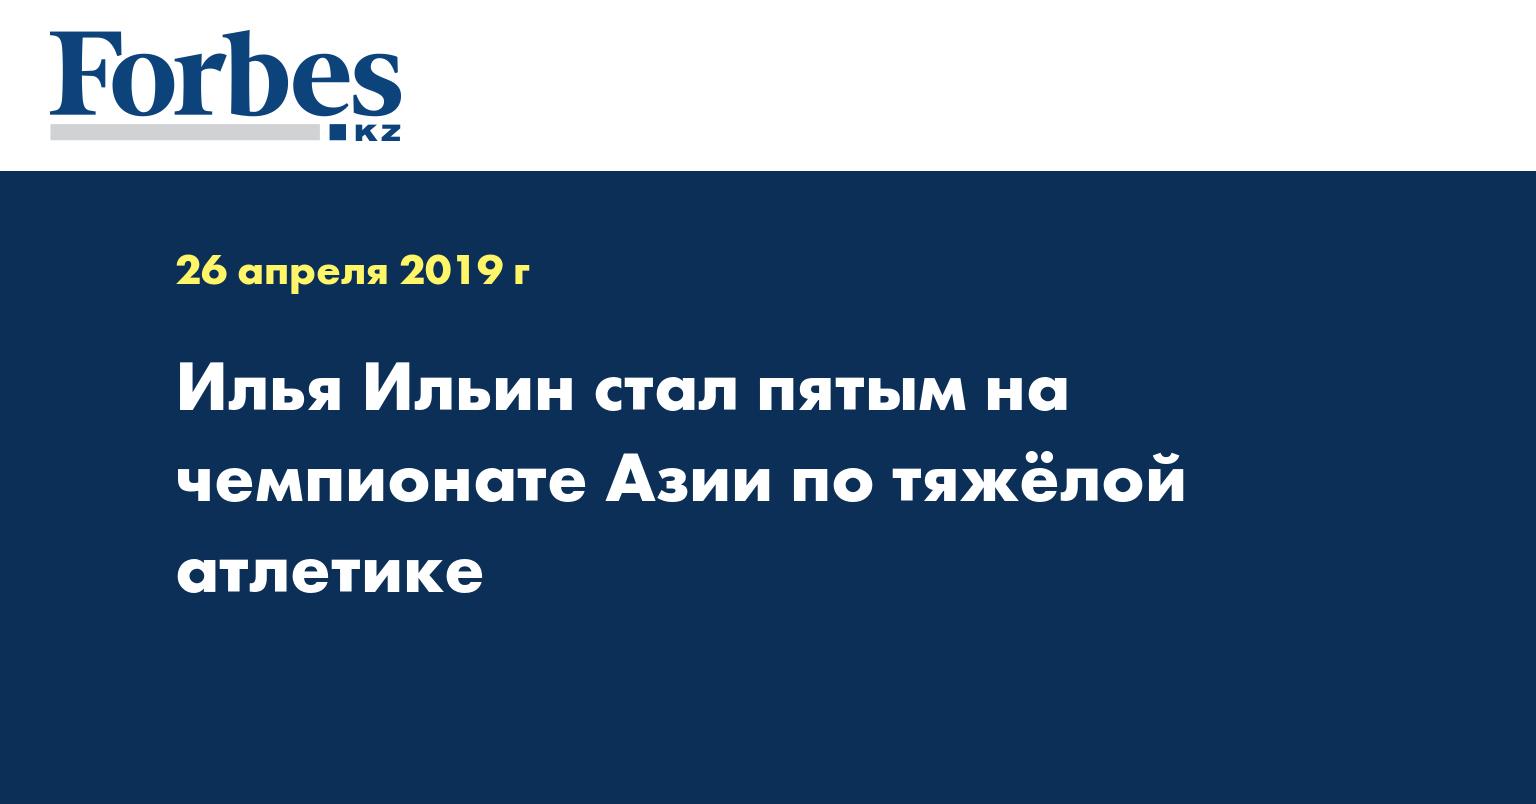 Илья Ильин стал пятым на чемпионате Азии по тяжёлой атлетике